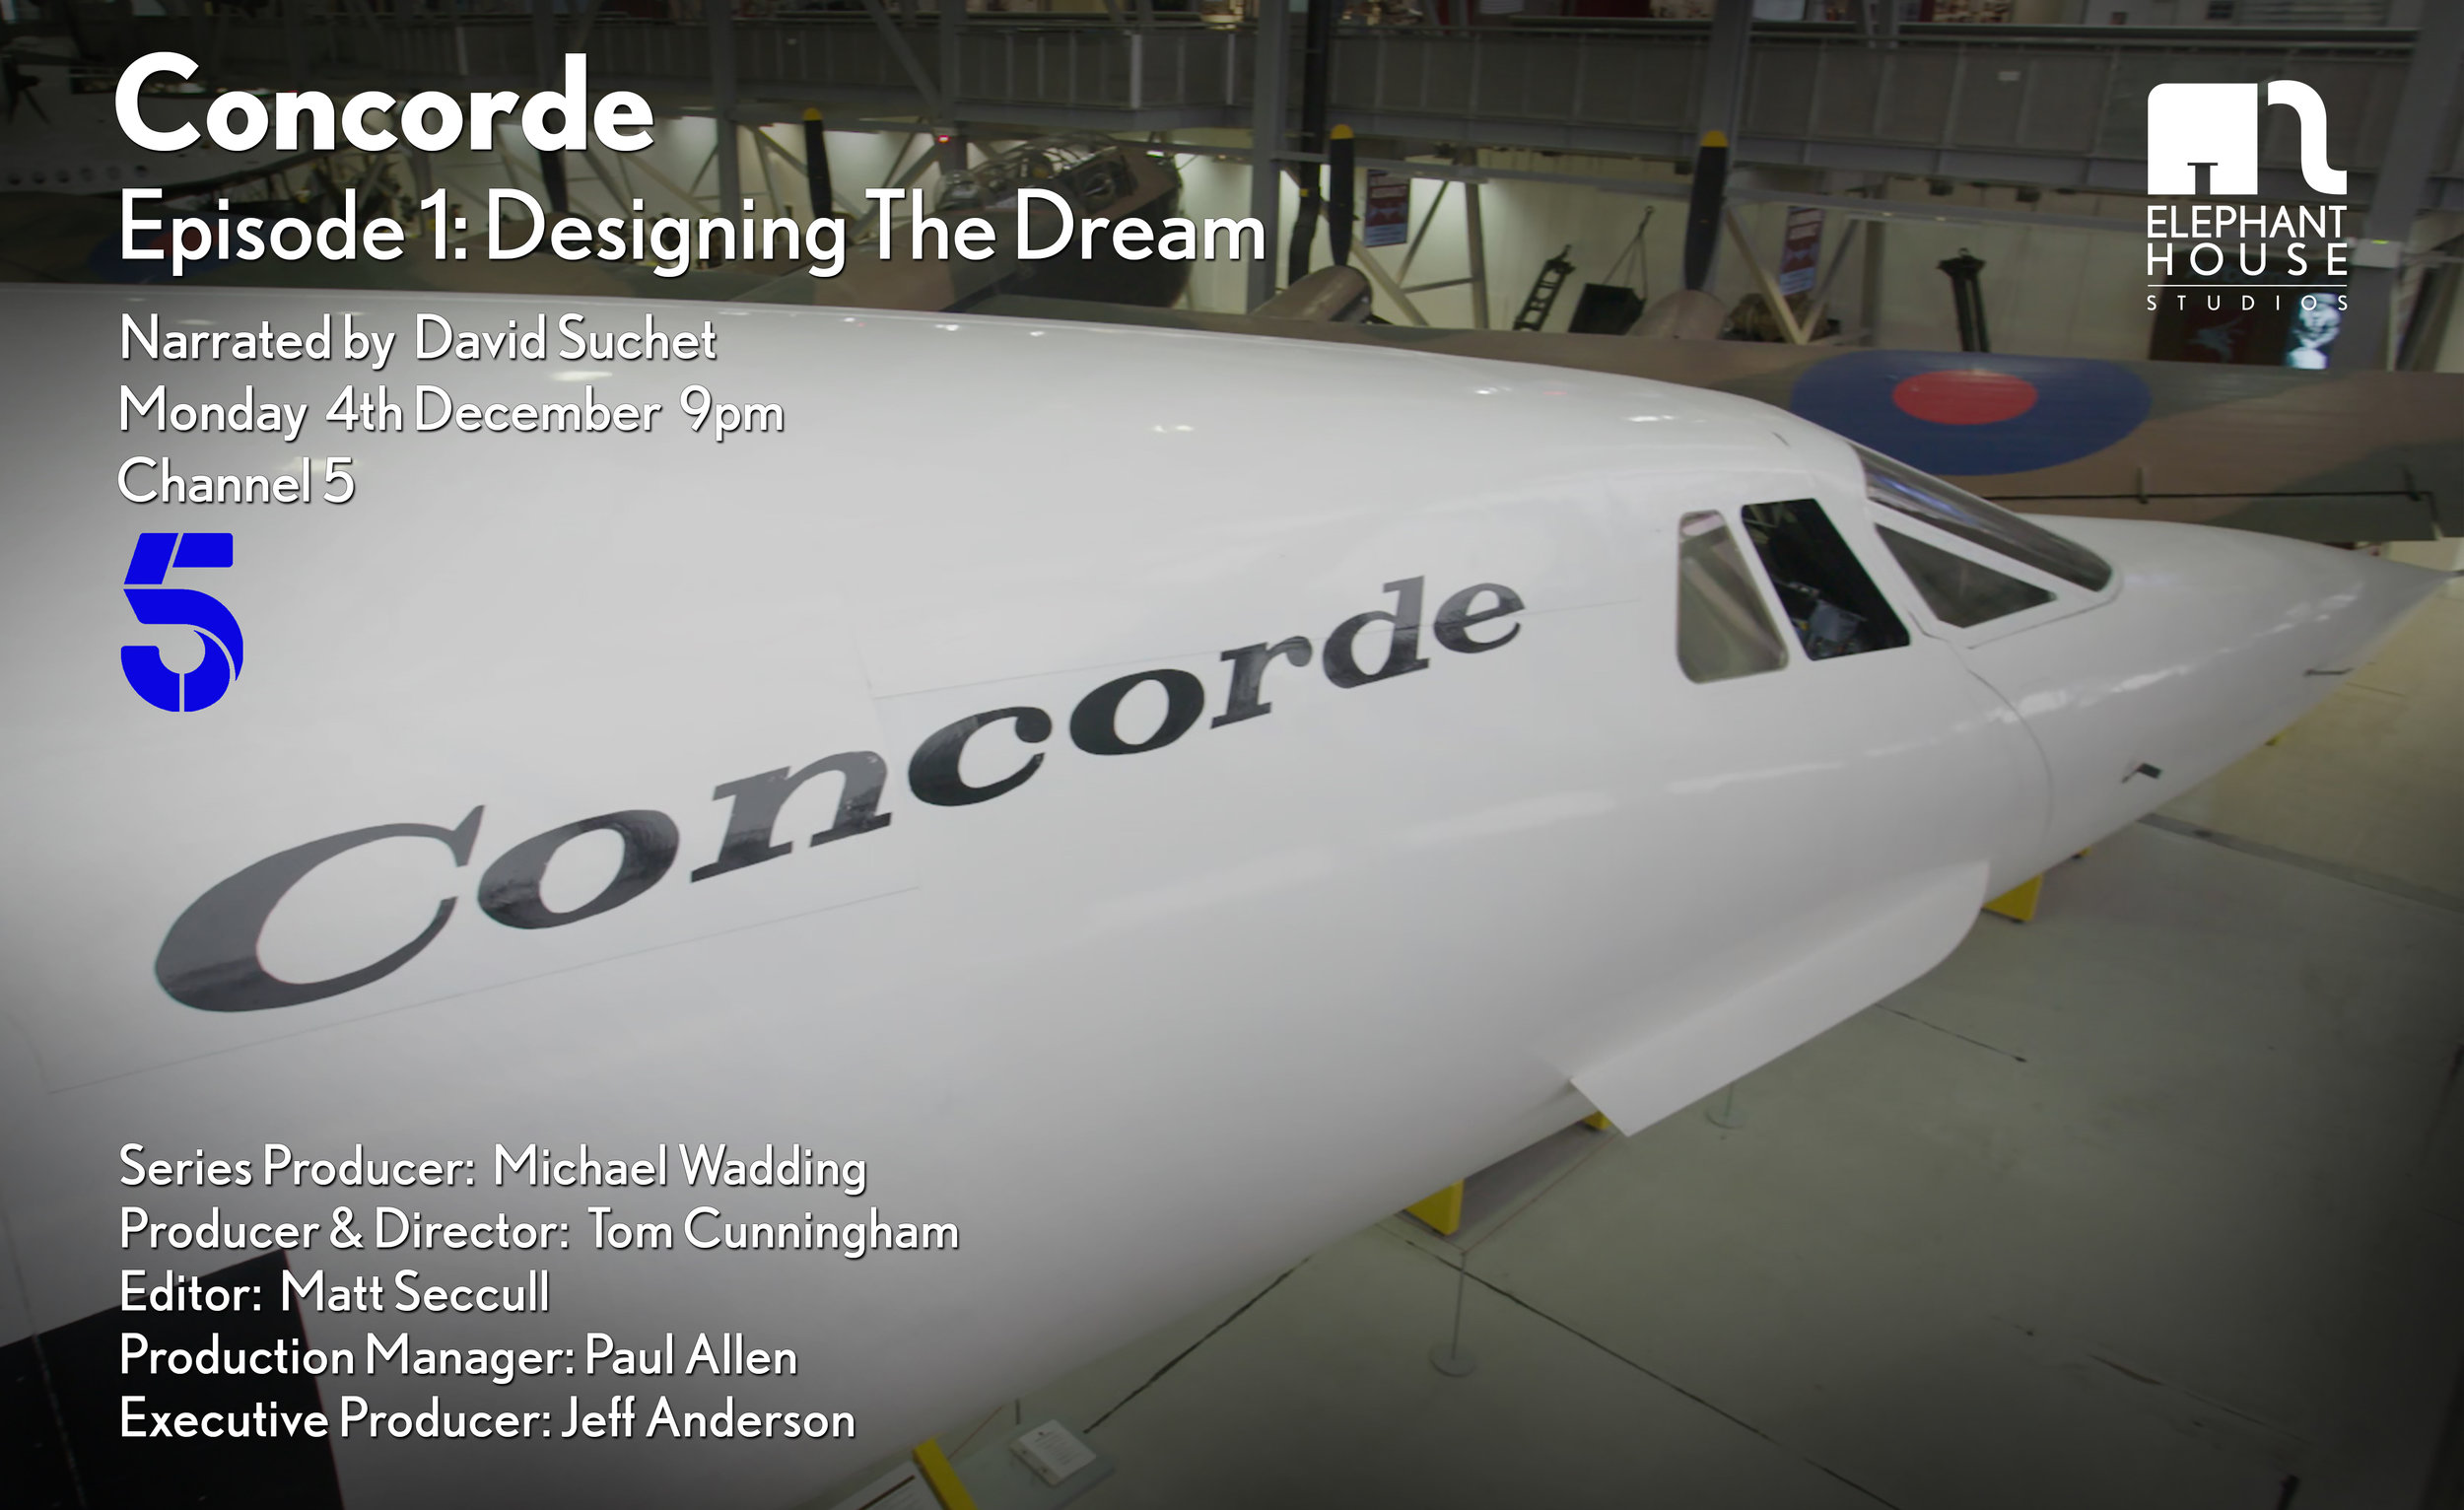 CONCORDE: DESIGNING THE DREAM